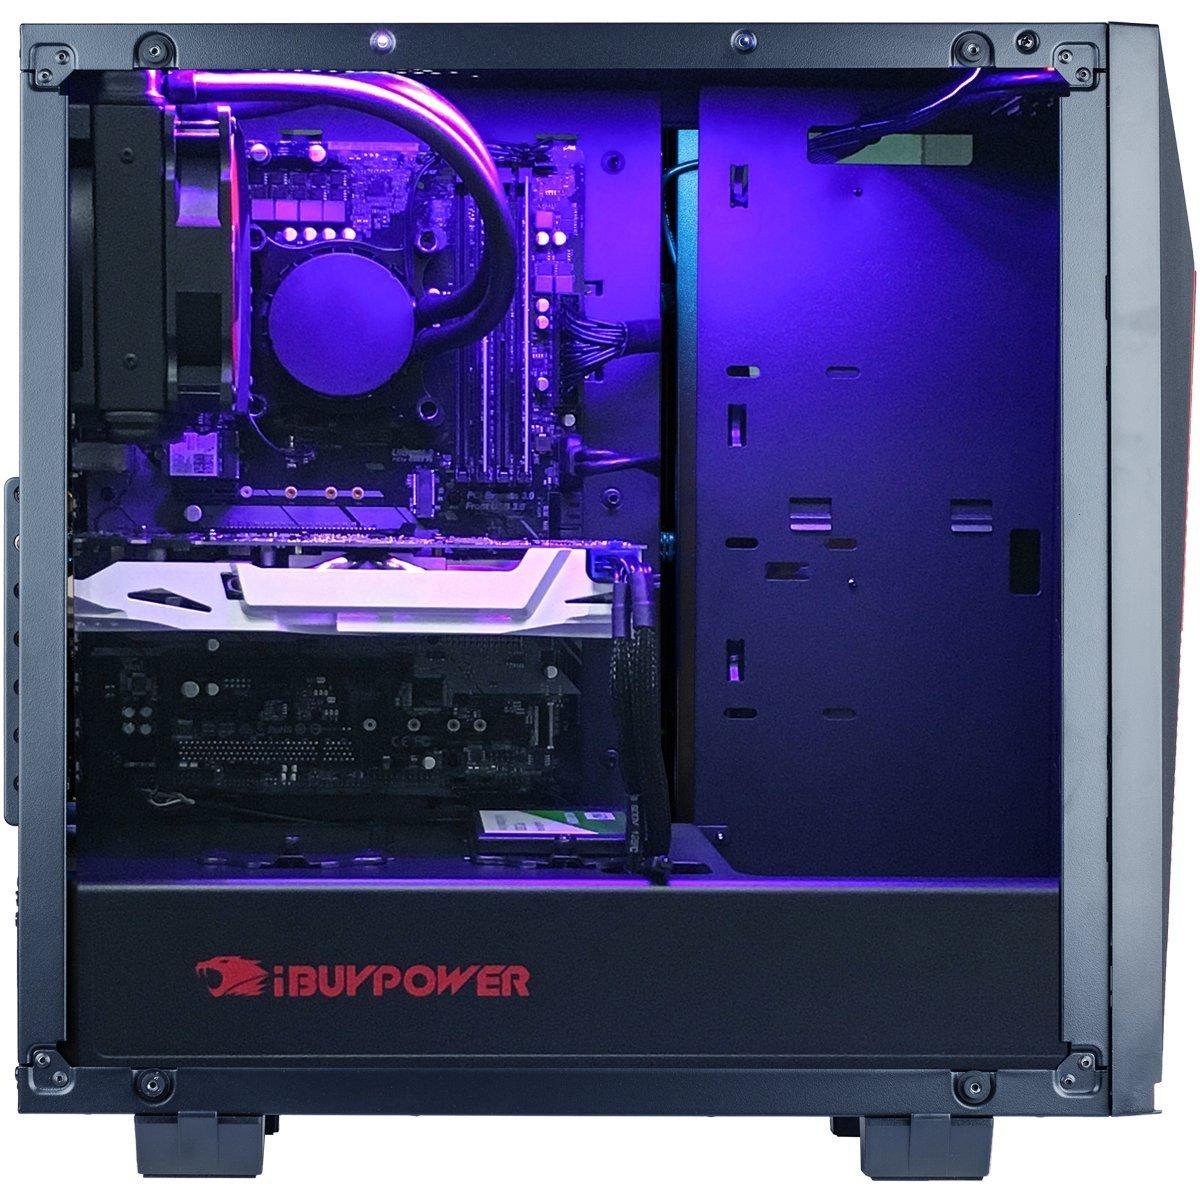 iBuyPower gaming desktop